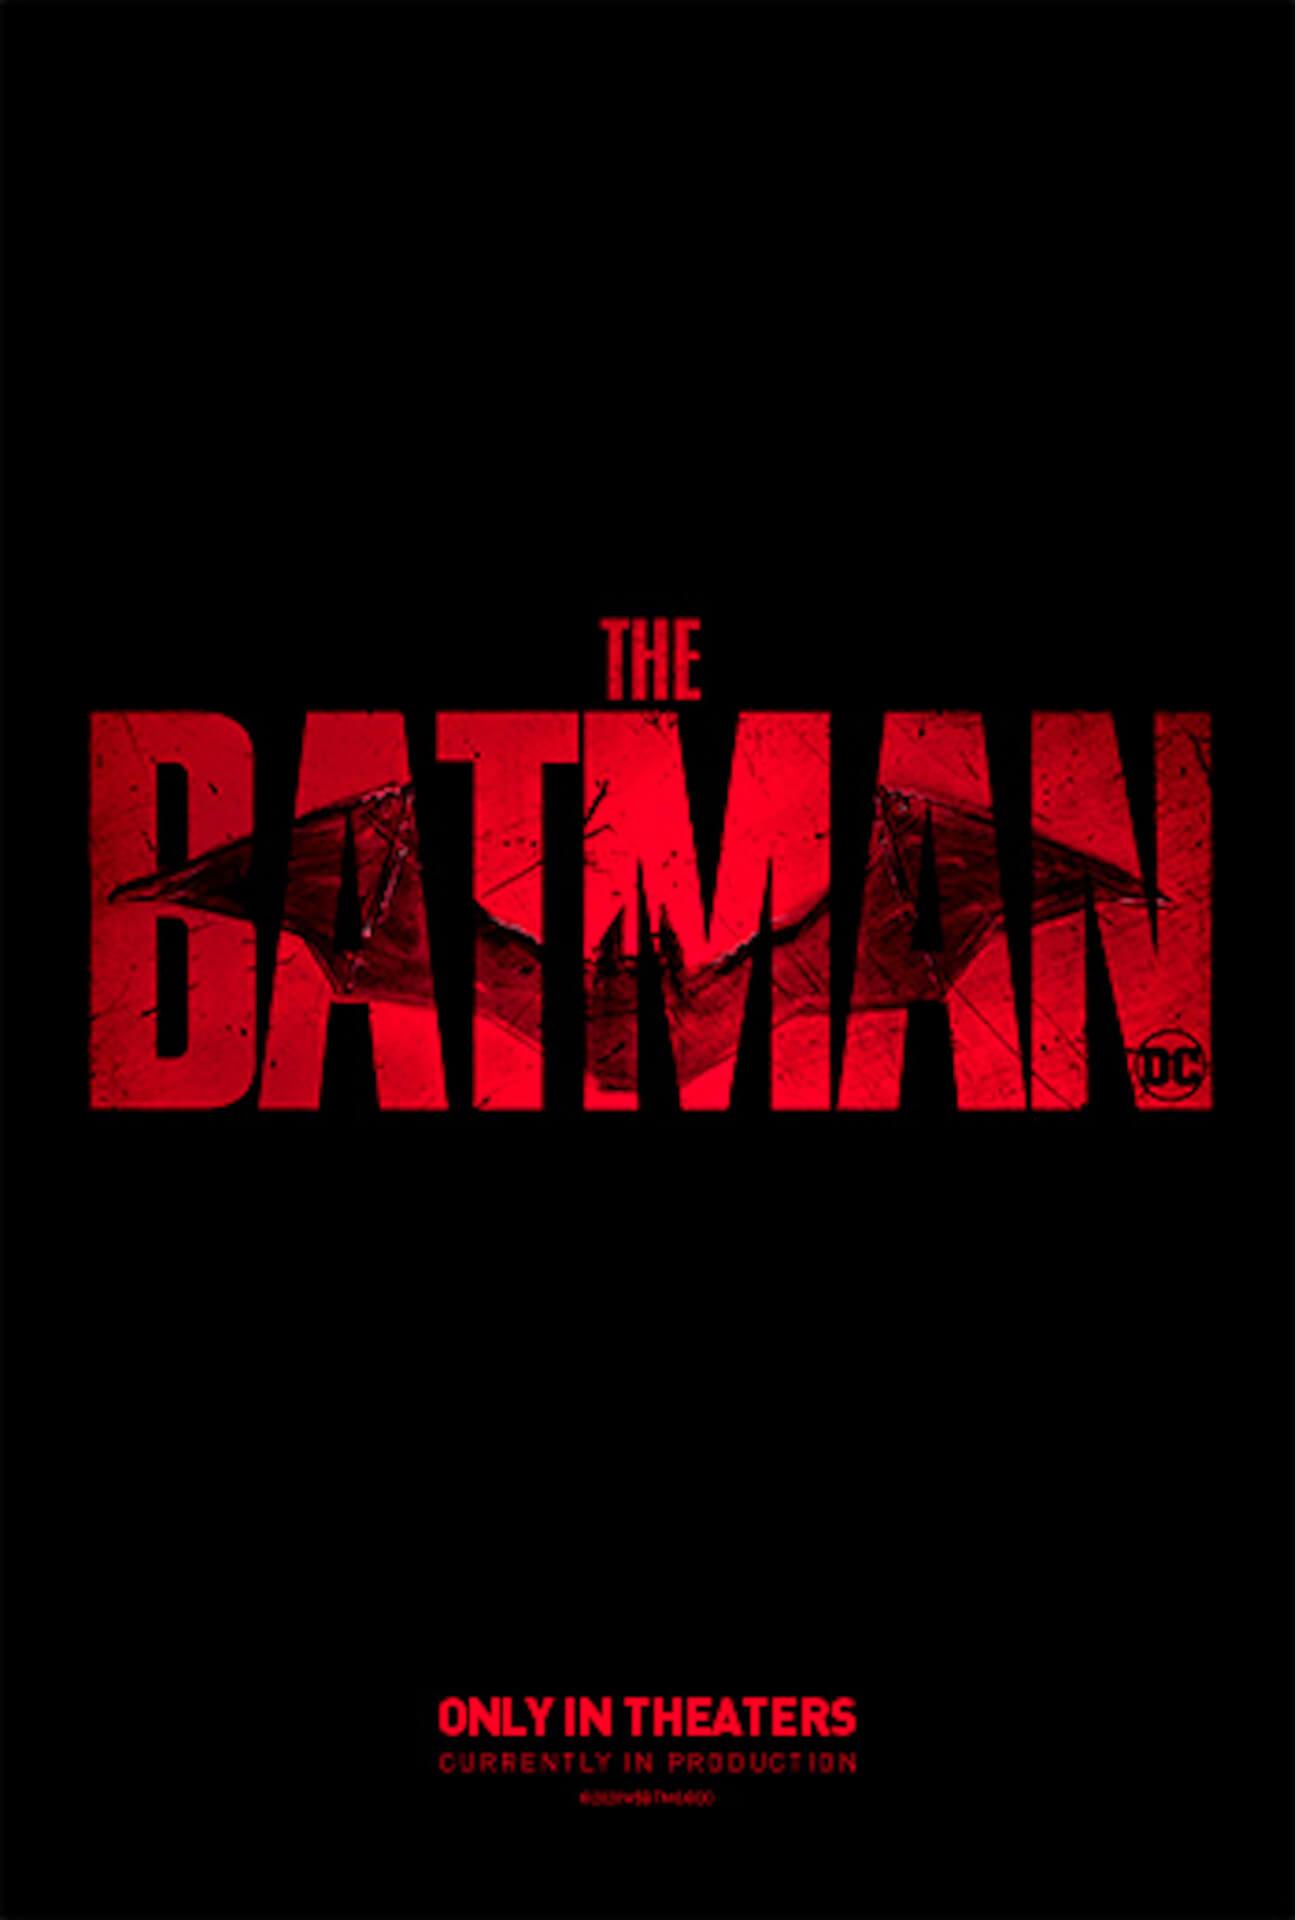 ついに解禁!ロバート・パティンソン主演『ザ・バットマン』2021年劇場公開決定&特別映像がDCファンドームで公開 film200824_thebatman_1